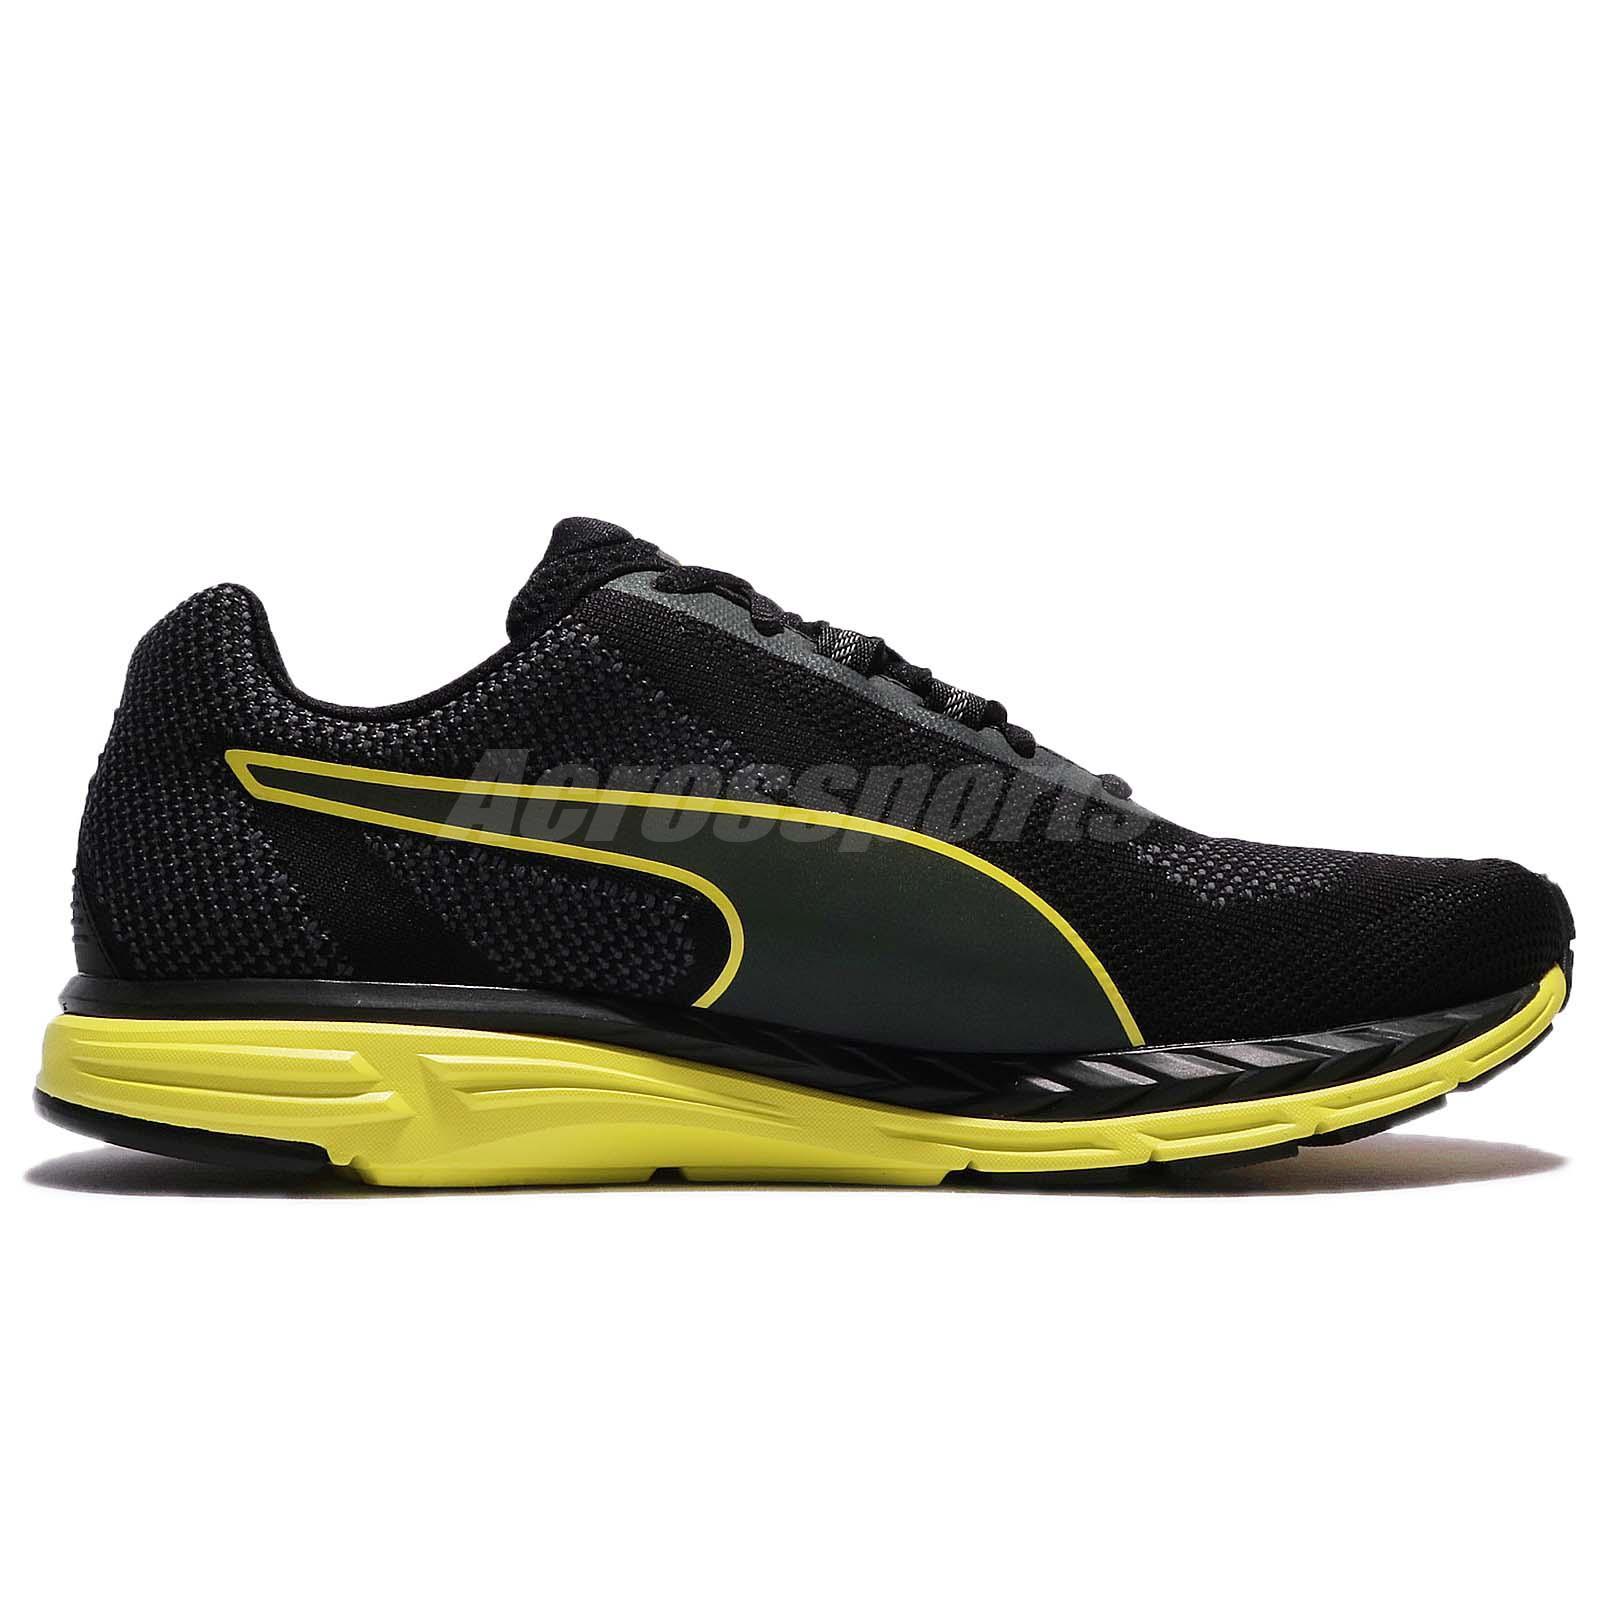 1b5c2e49b75 Puma Speed 500 Ignite Nightcat 2 II Black Yellow Men Running Shoes ...